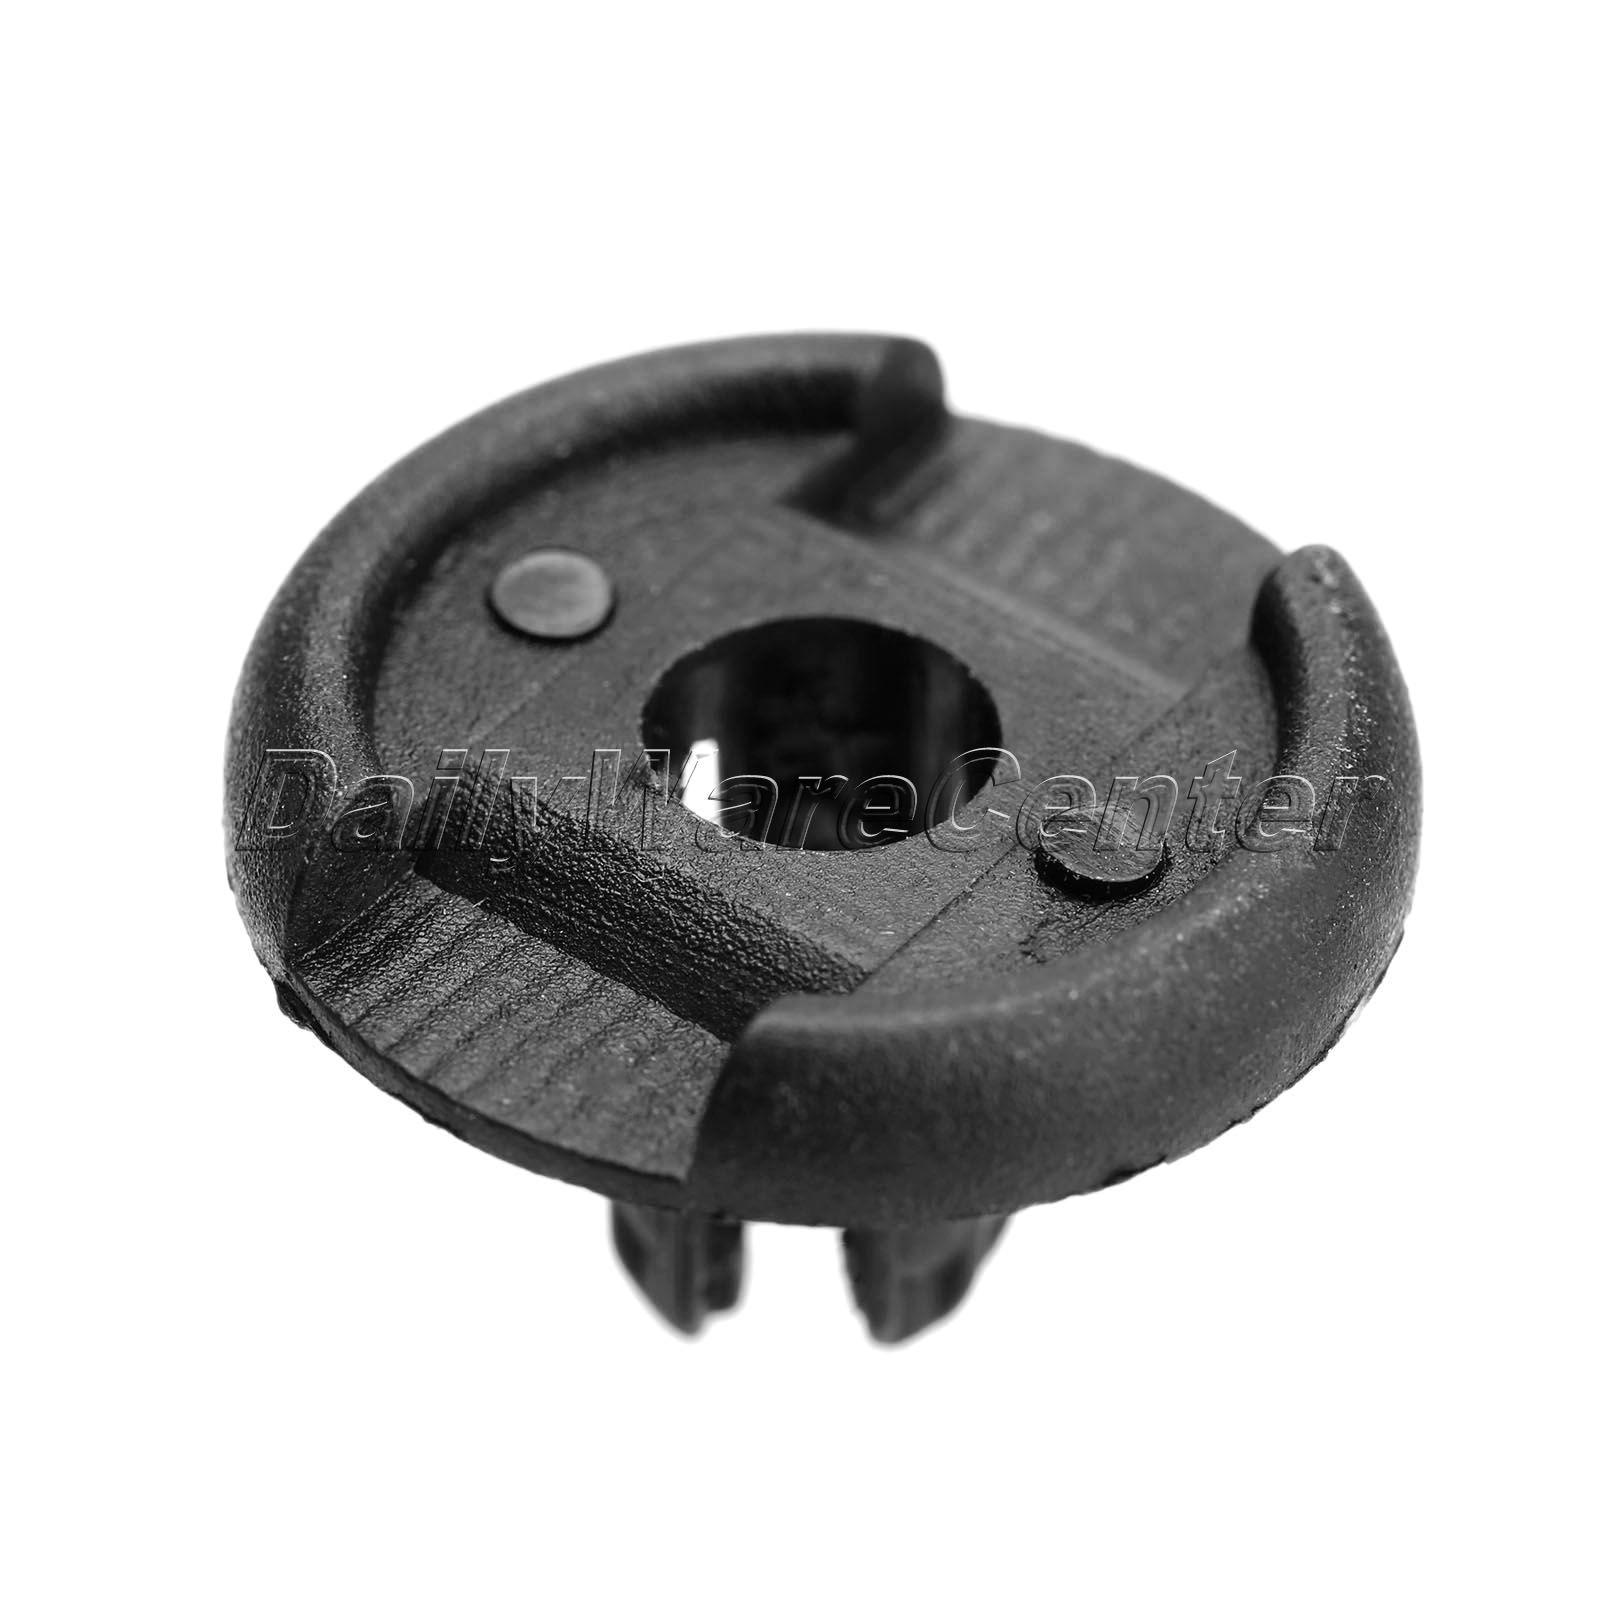 50 Teile / los Auto 7mm Loch Kunststoffnieten Verschluss Push Clips - Auto-Innenausstattung und Zubehör - Foto 6